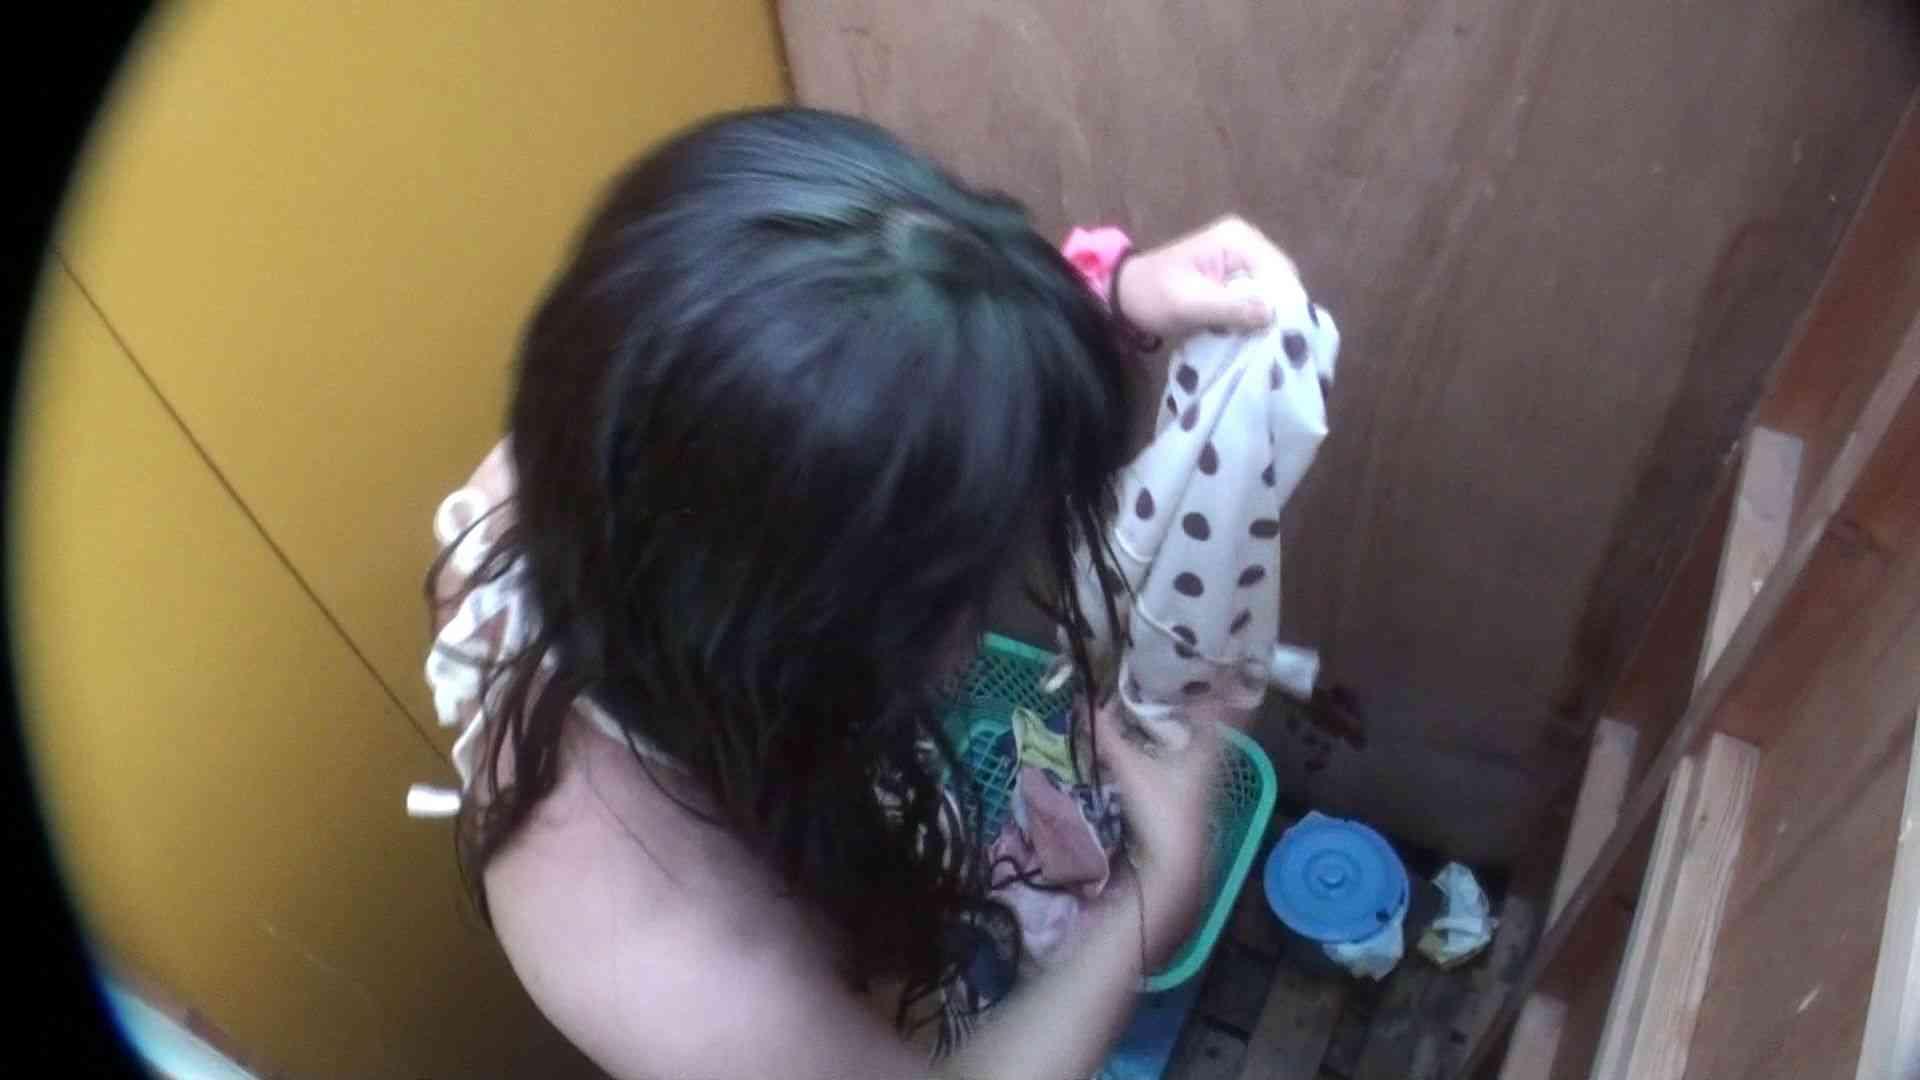 シャワールームは超!!危険な香りVol.13 ムッチムチのいやらしい身体つき 高画質  76pic 3